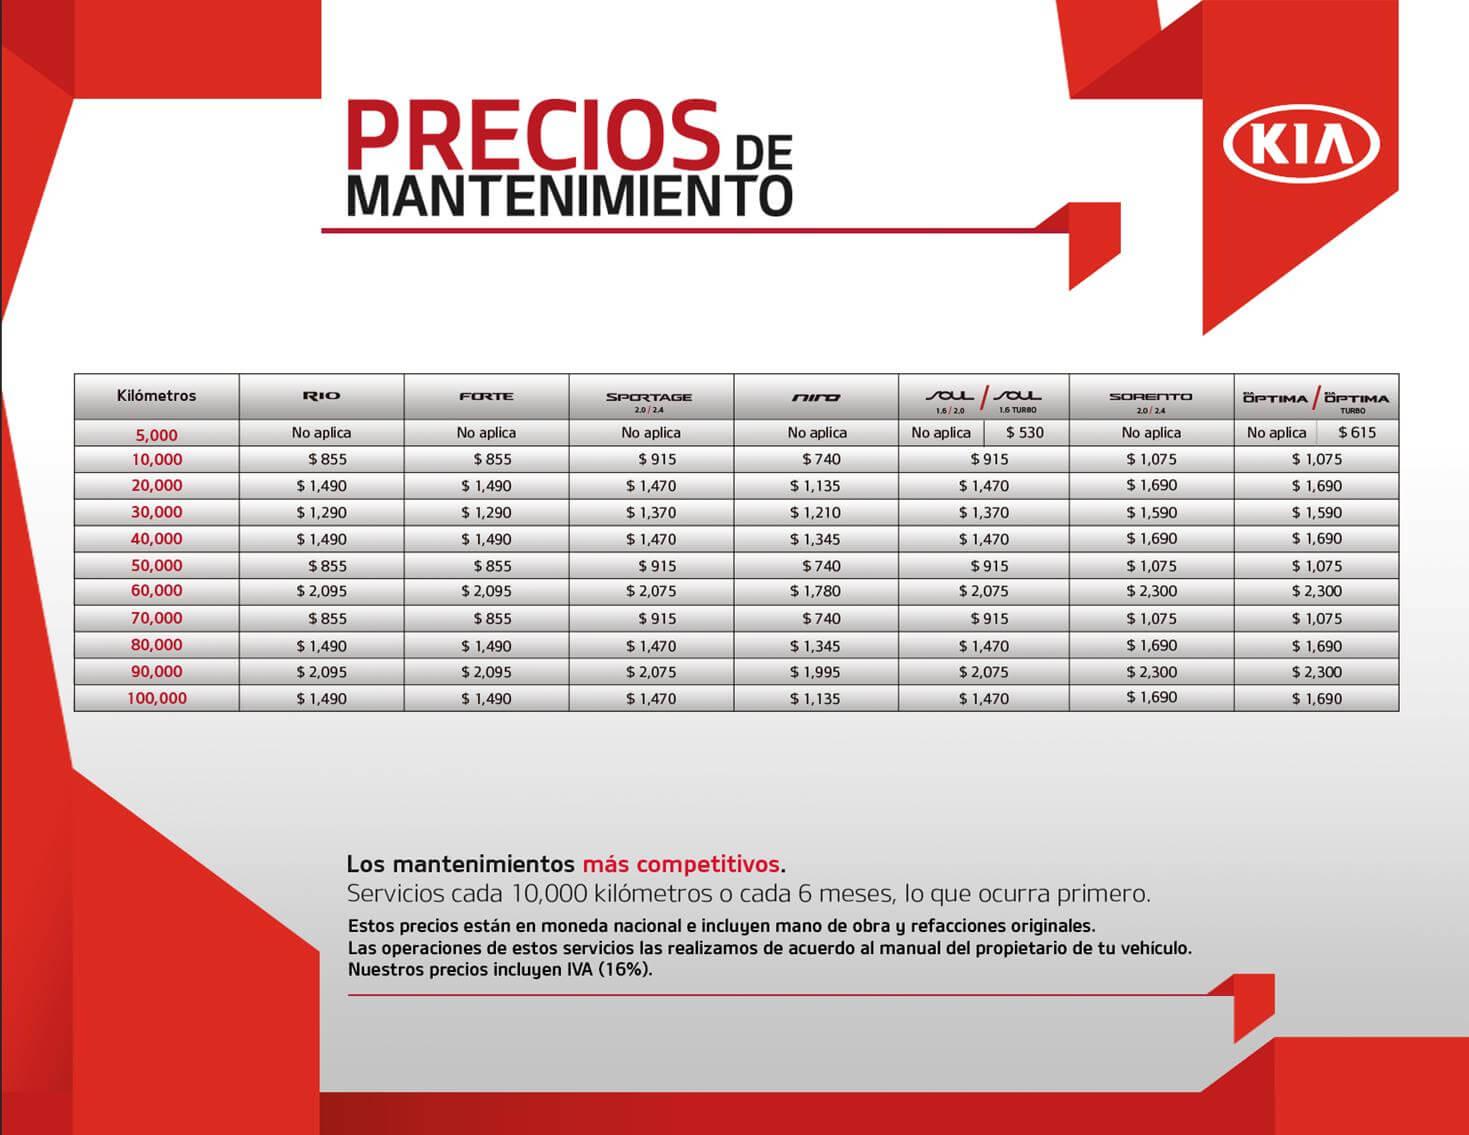 Precios de mantenimiento kia kia texcoco texcoco - Mantenimiento de piscinas precio ...